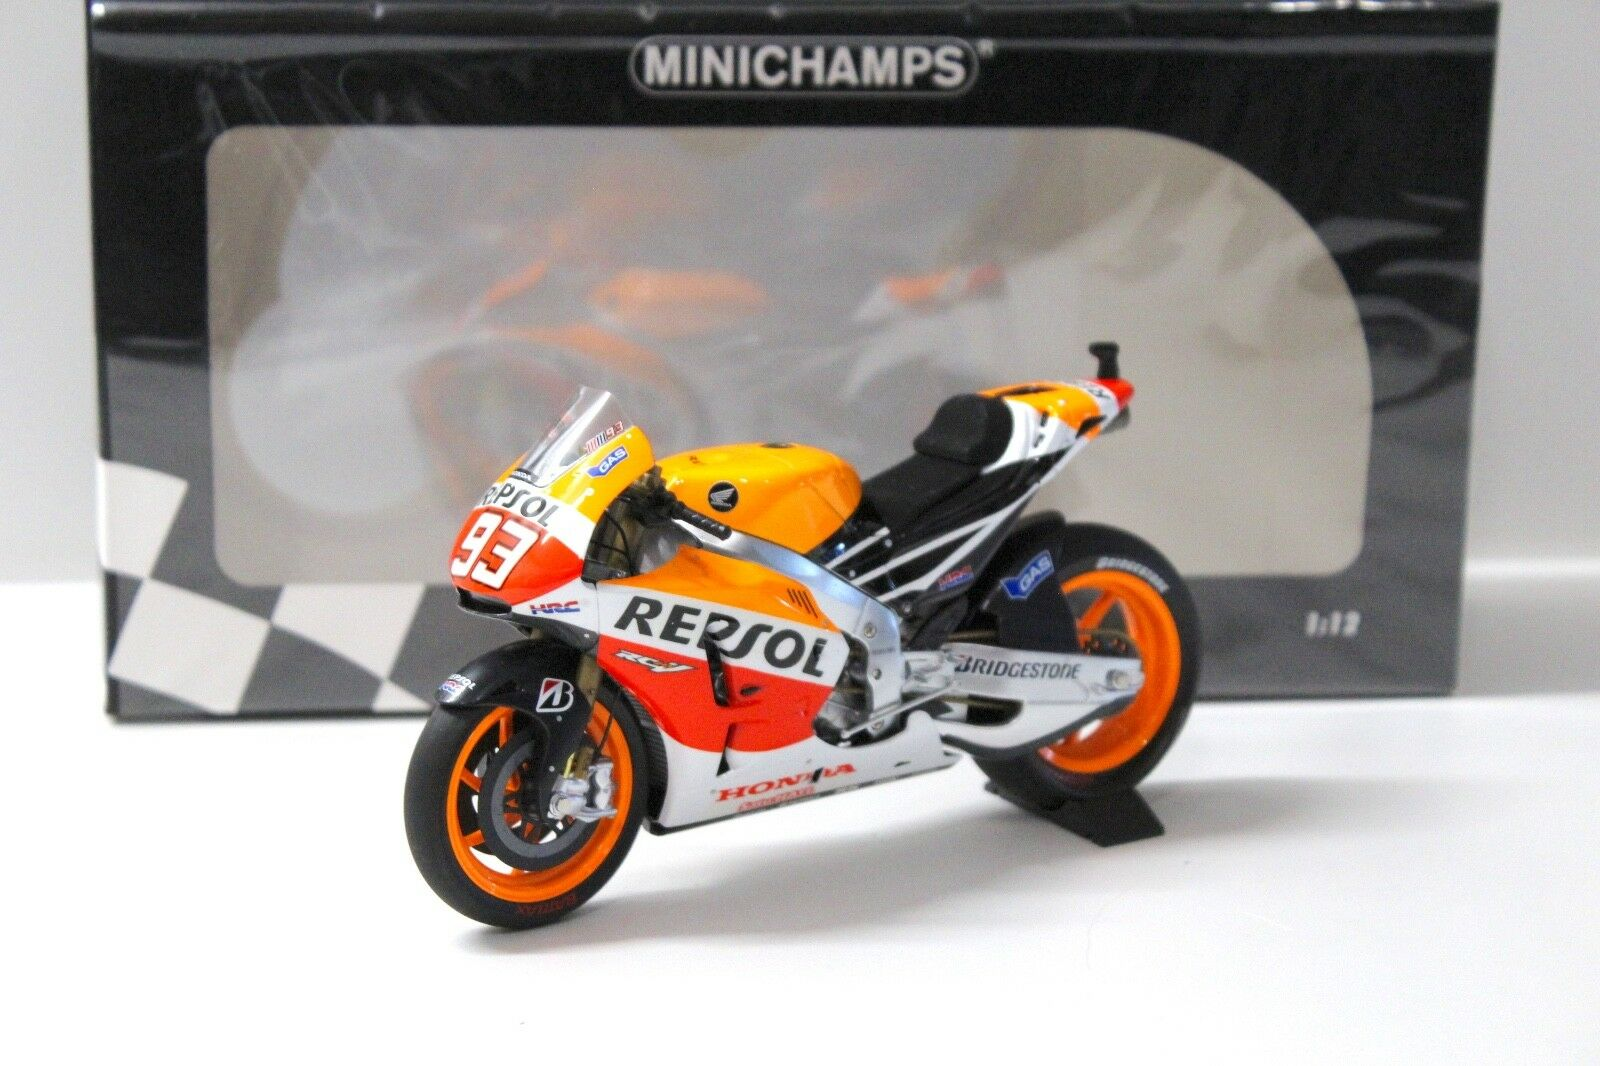 1 12 Minichamps Honda RC213V RC213V RC213V MotoGP World Champ Marquez NEW bei PREMIUM-MODELCAR a2a2e7